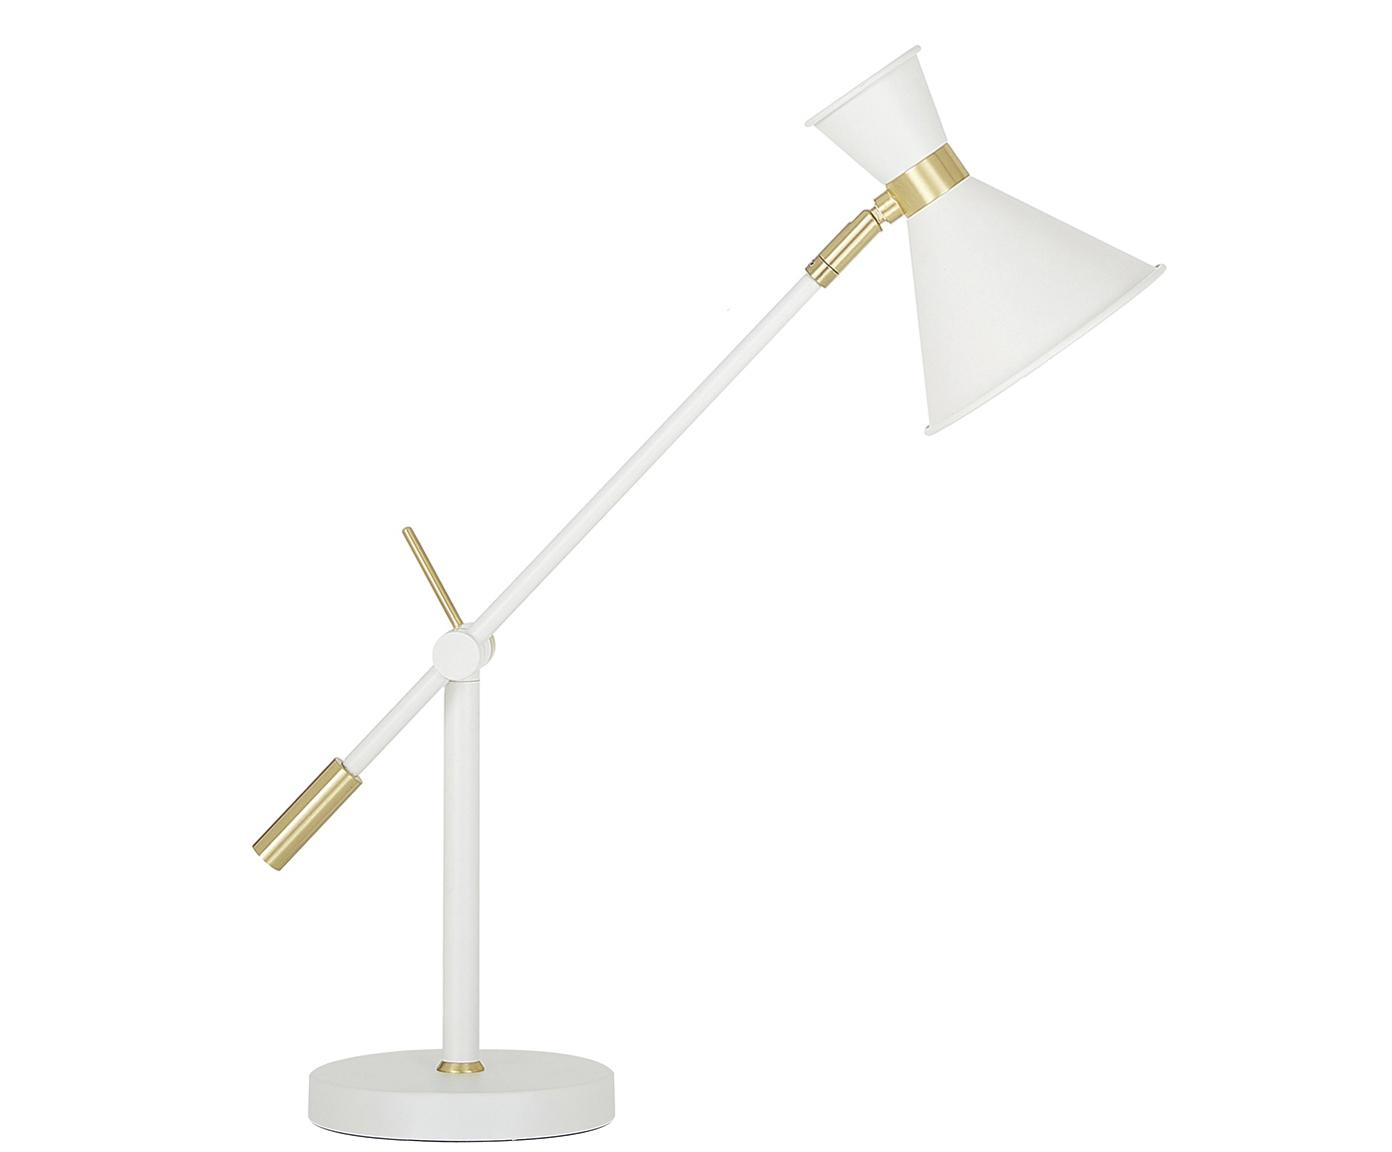 Lámpara de mesa  Audrey, estilo escandinavo, Pantalla: metal, con pintura en pol, Cable: cubierto en tela, Blanco mate, Ø 15 x Al 68 cm